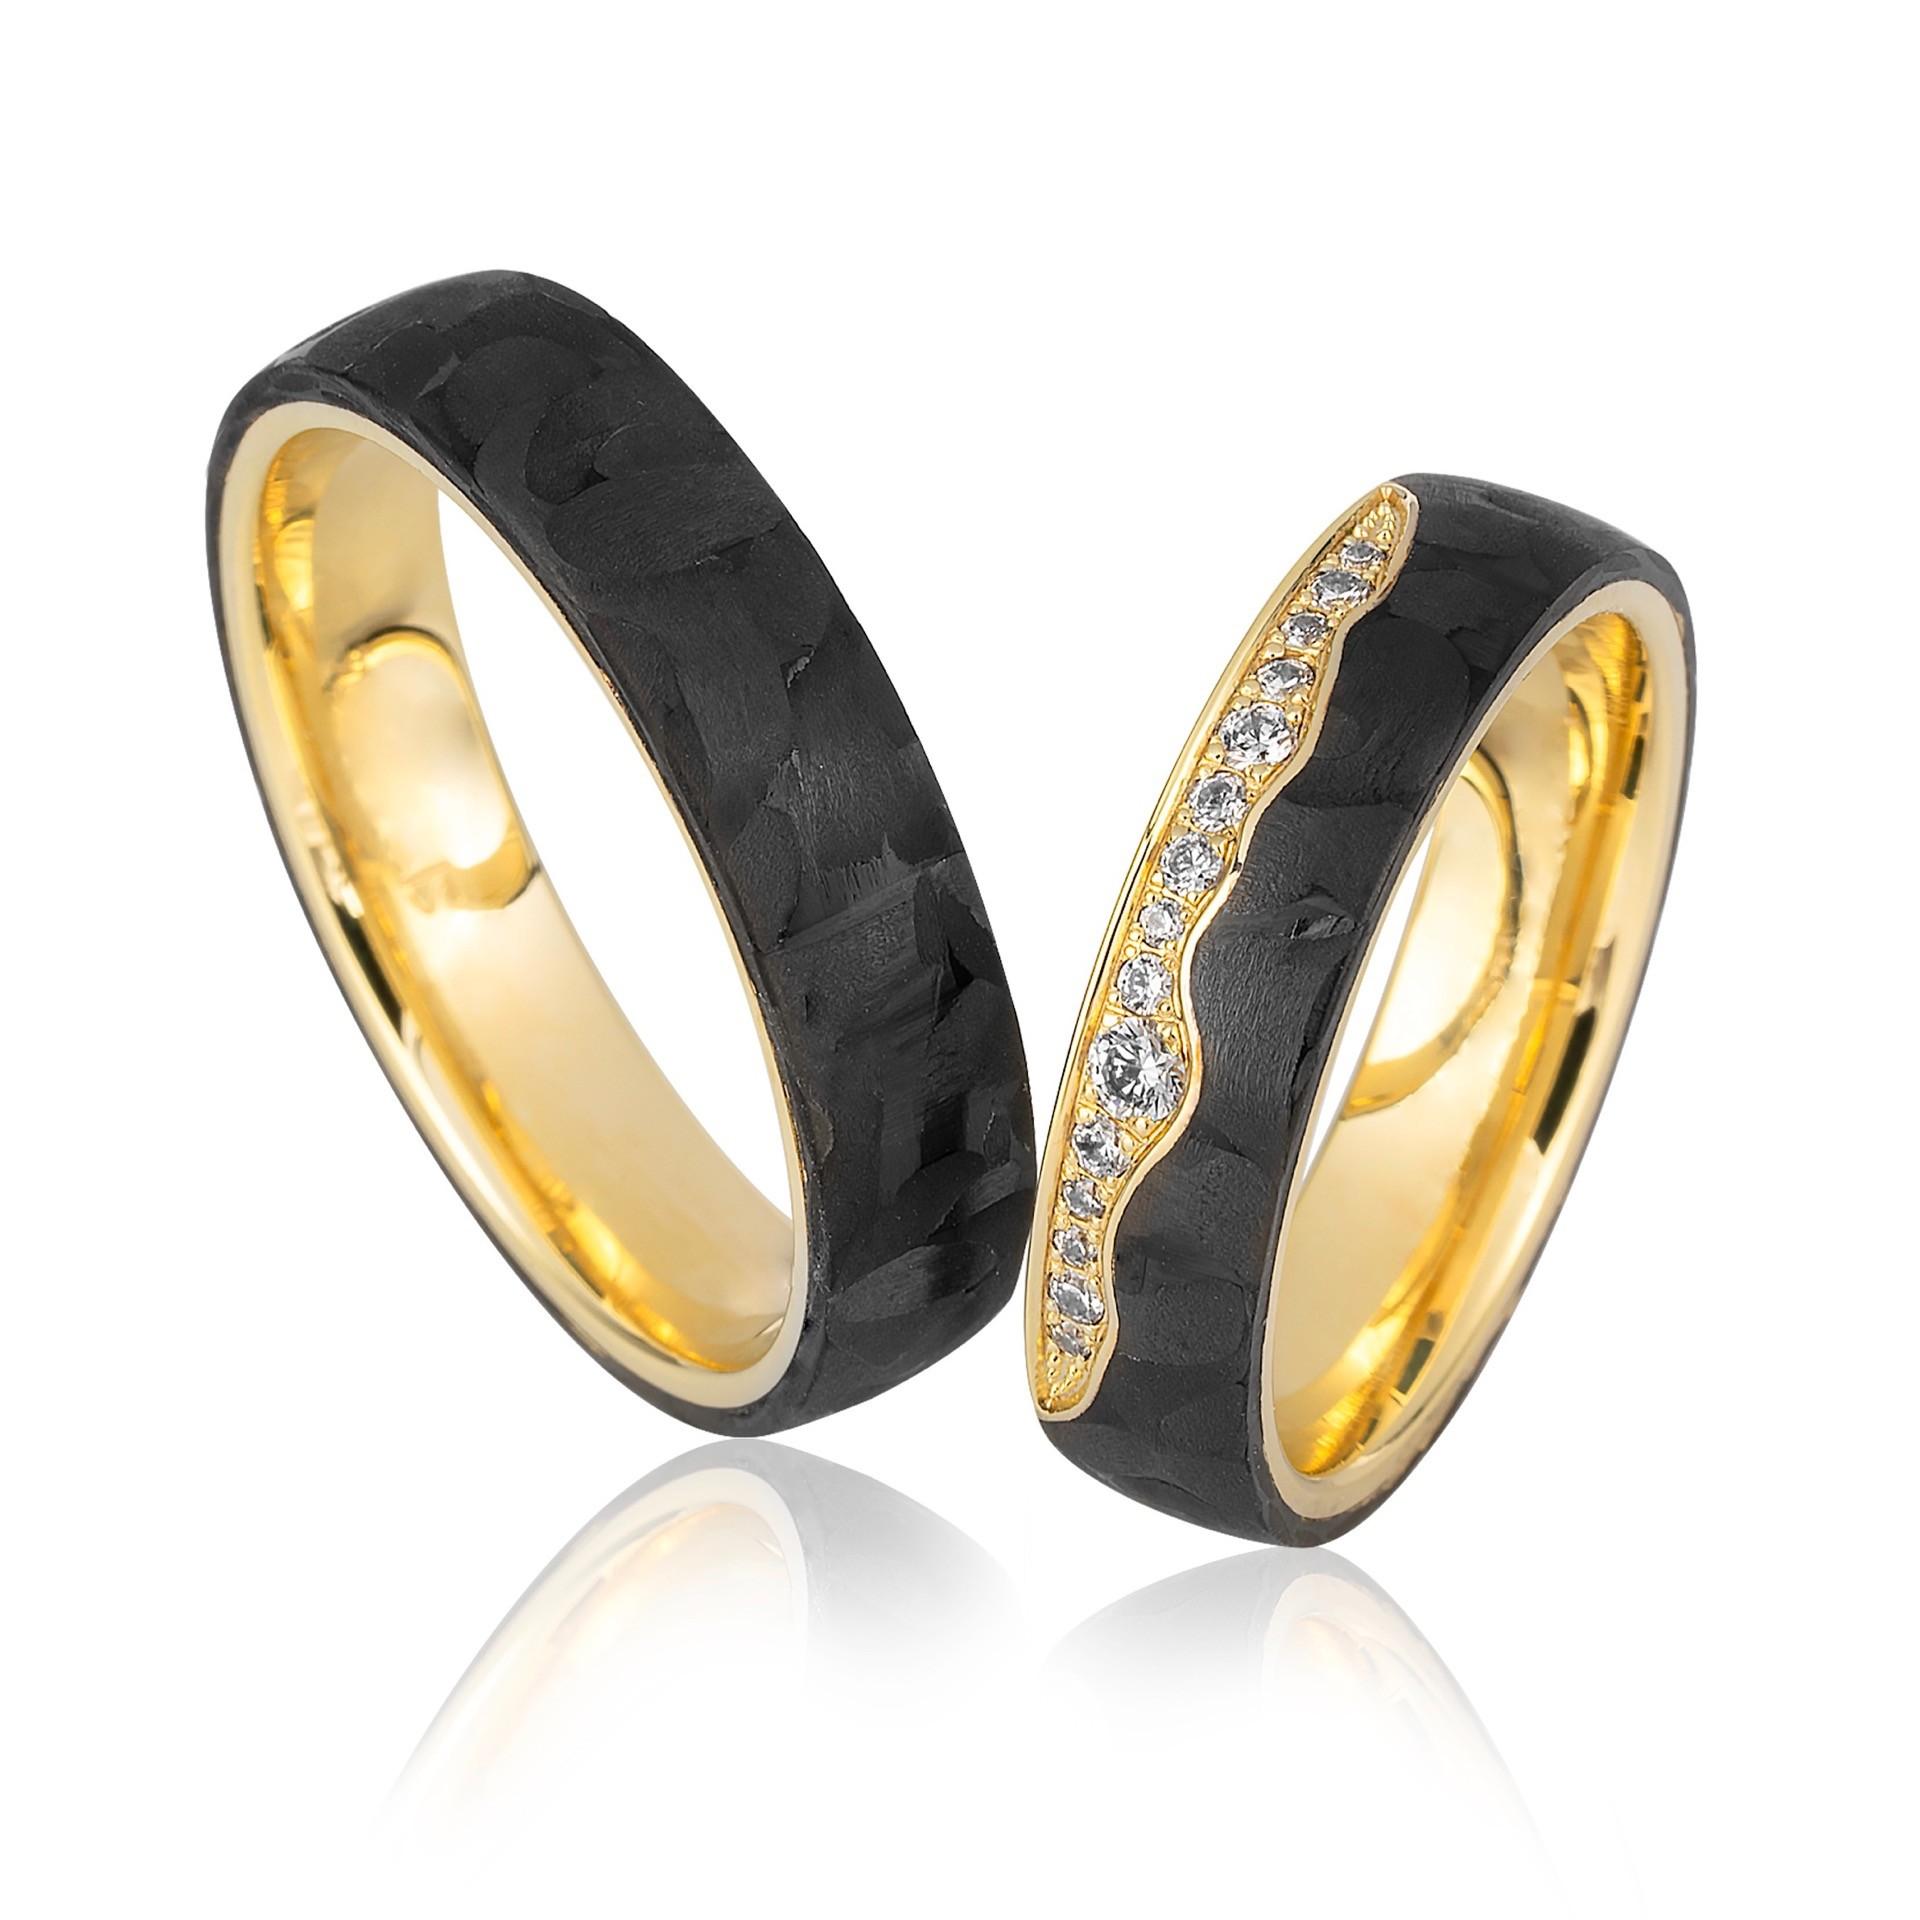 Carbon-Ringe von Saint Maurice